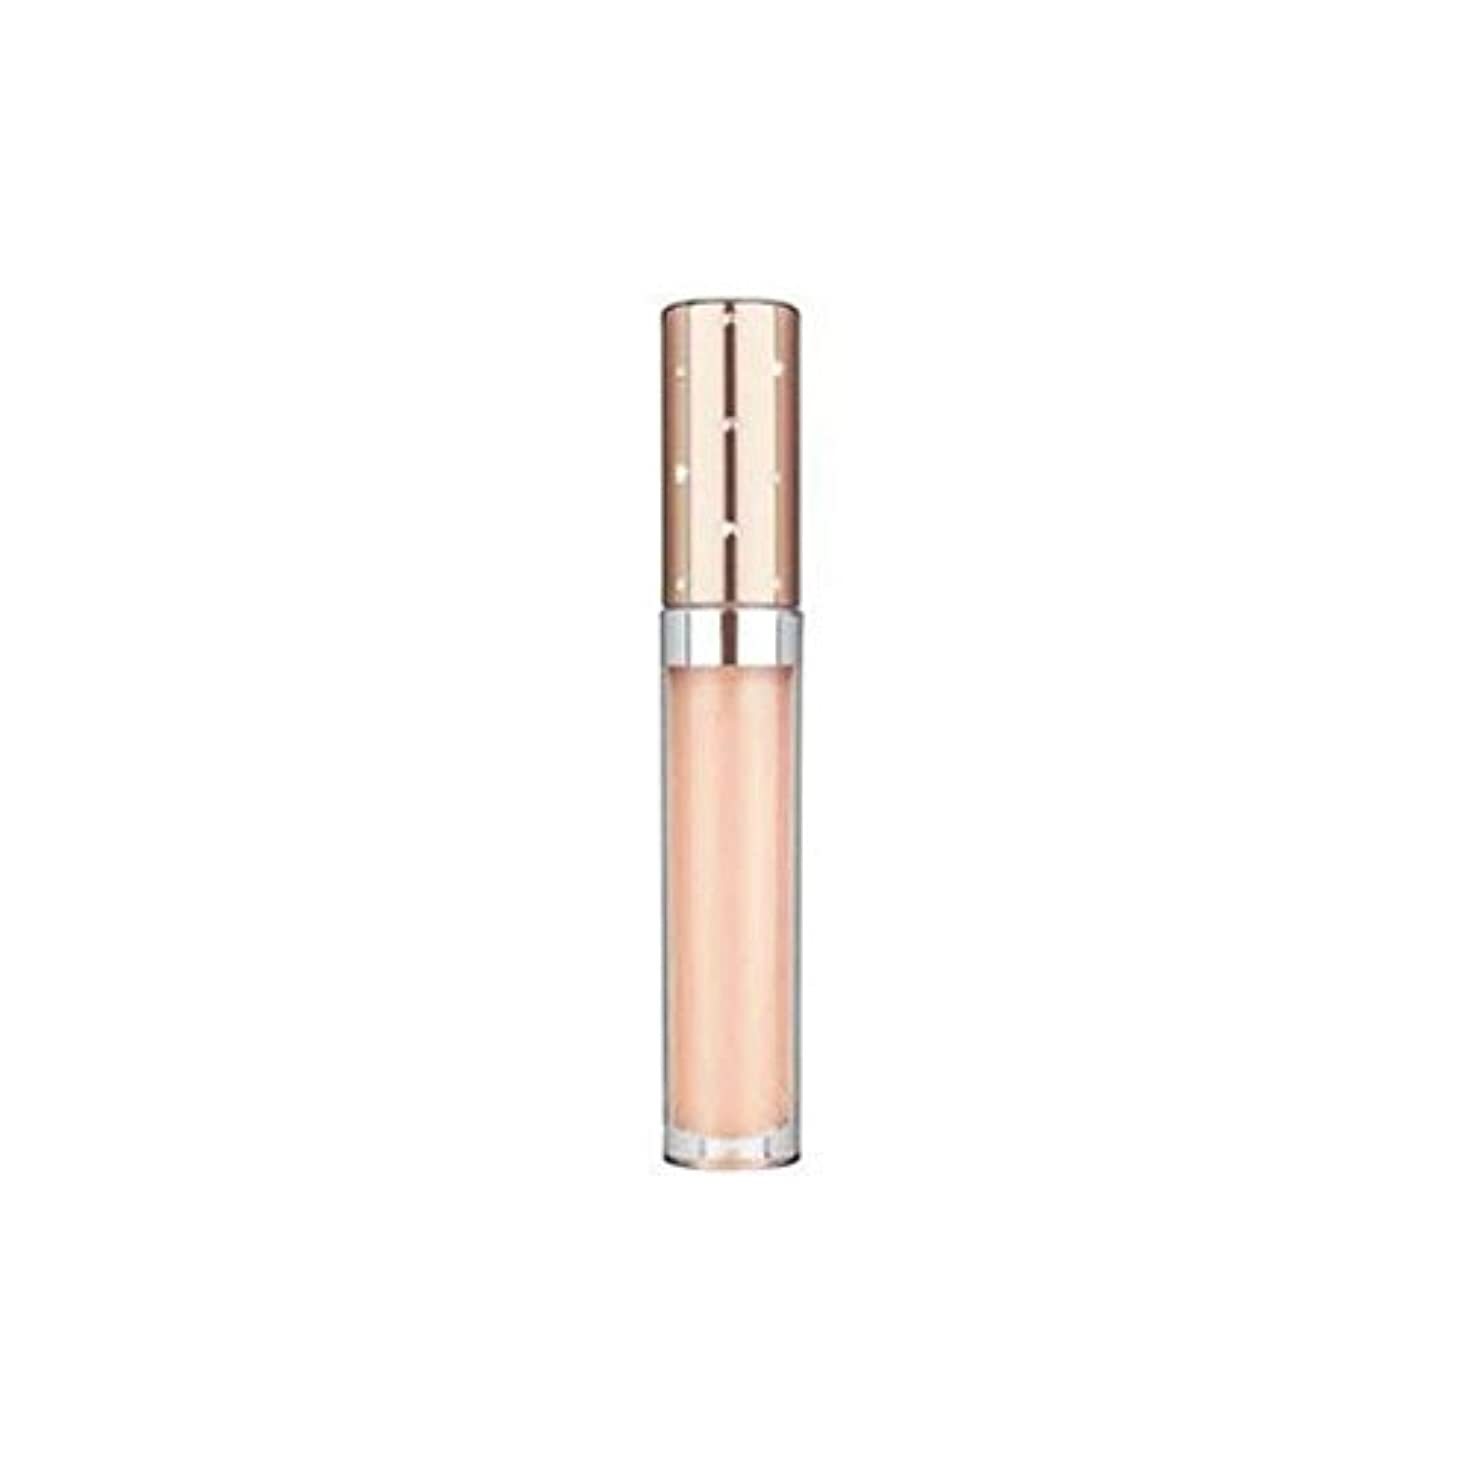 予知減少甘美なNubo Instant Lip Perfection Spf15 (5ml) (Pack of 6) - インスタントリップパーフェクション15(5ミリリットル) x6 [並行輸入品]